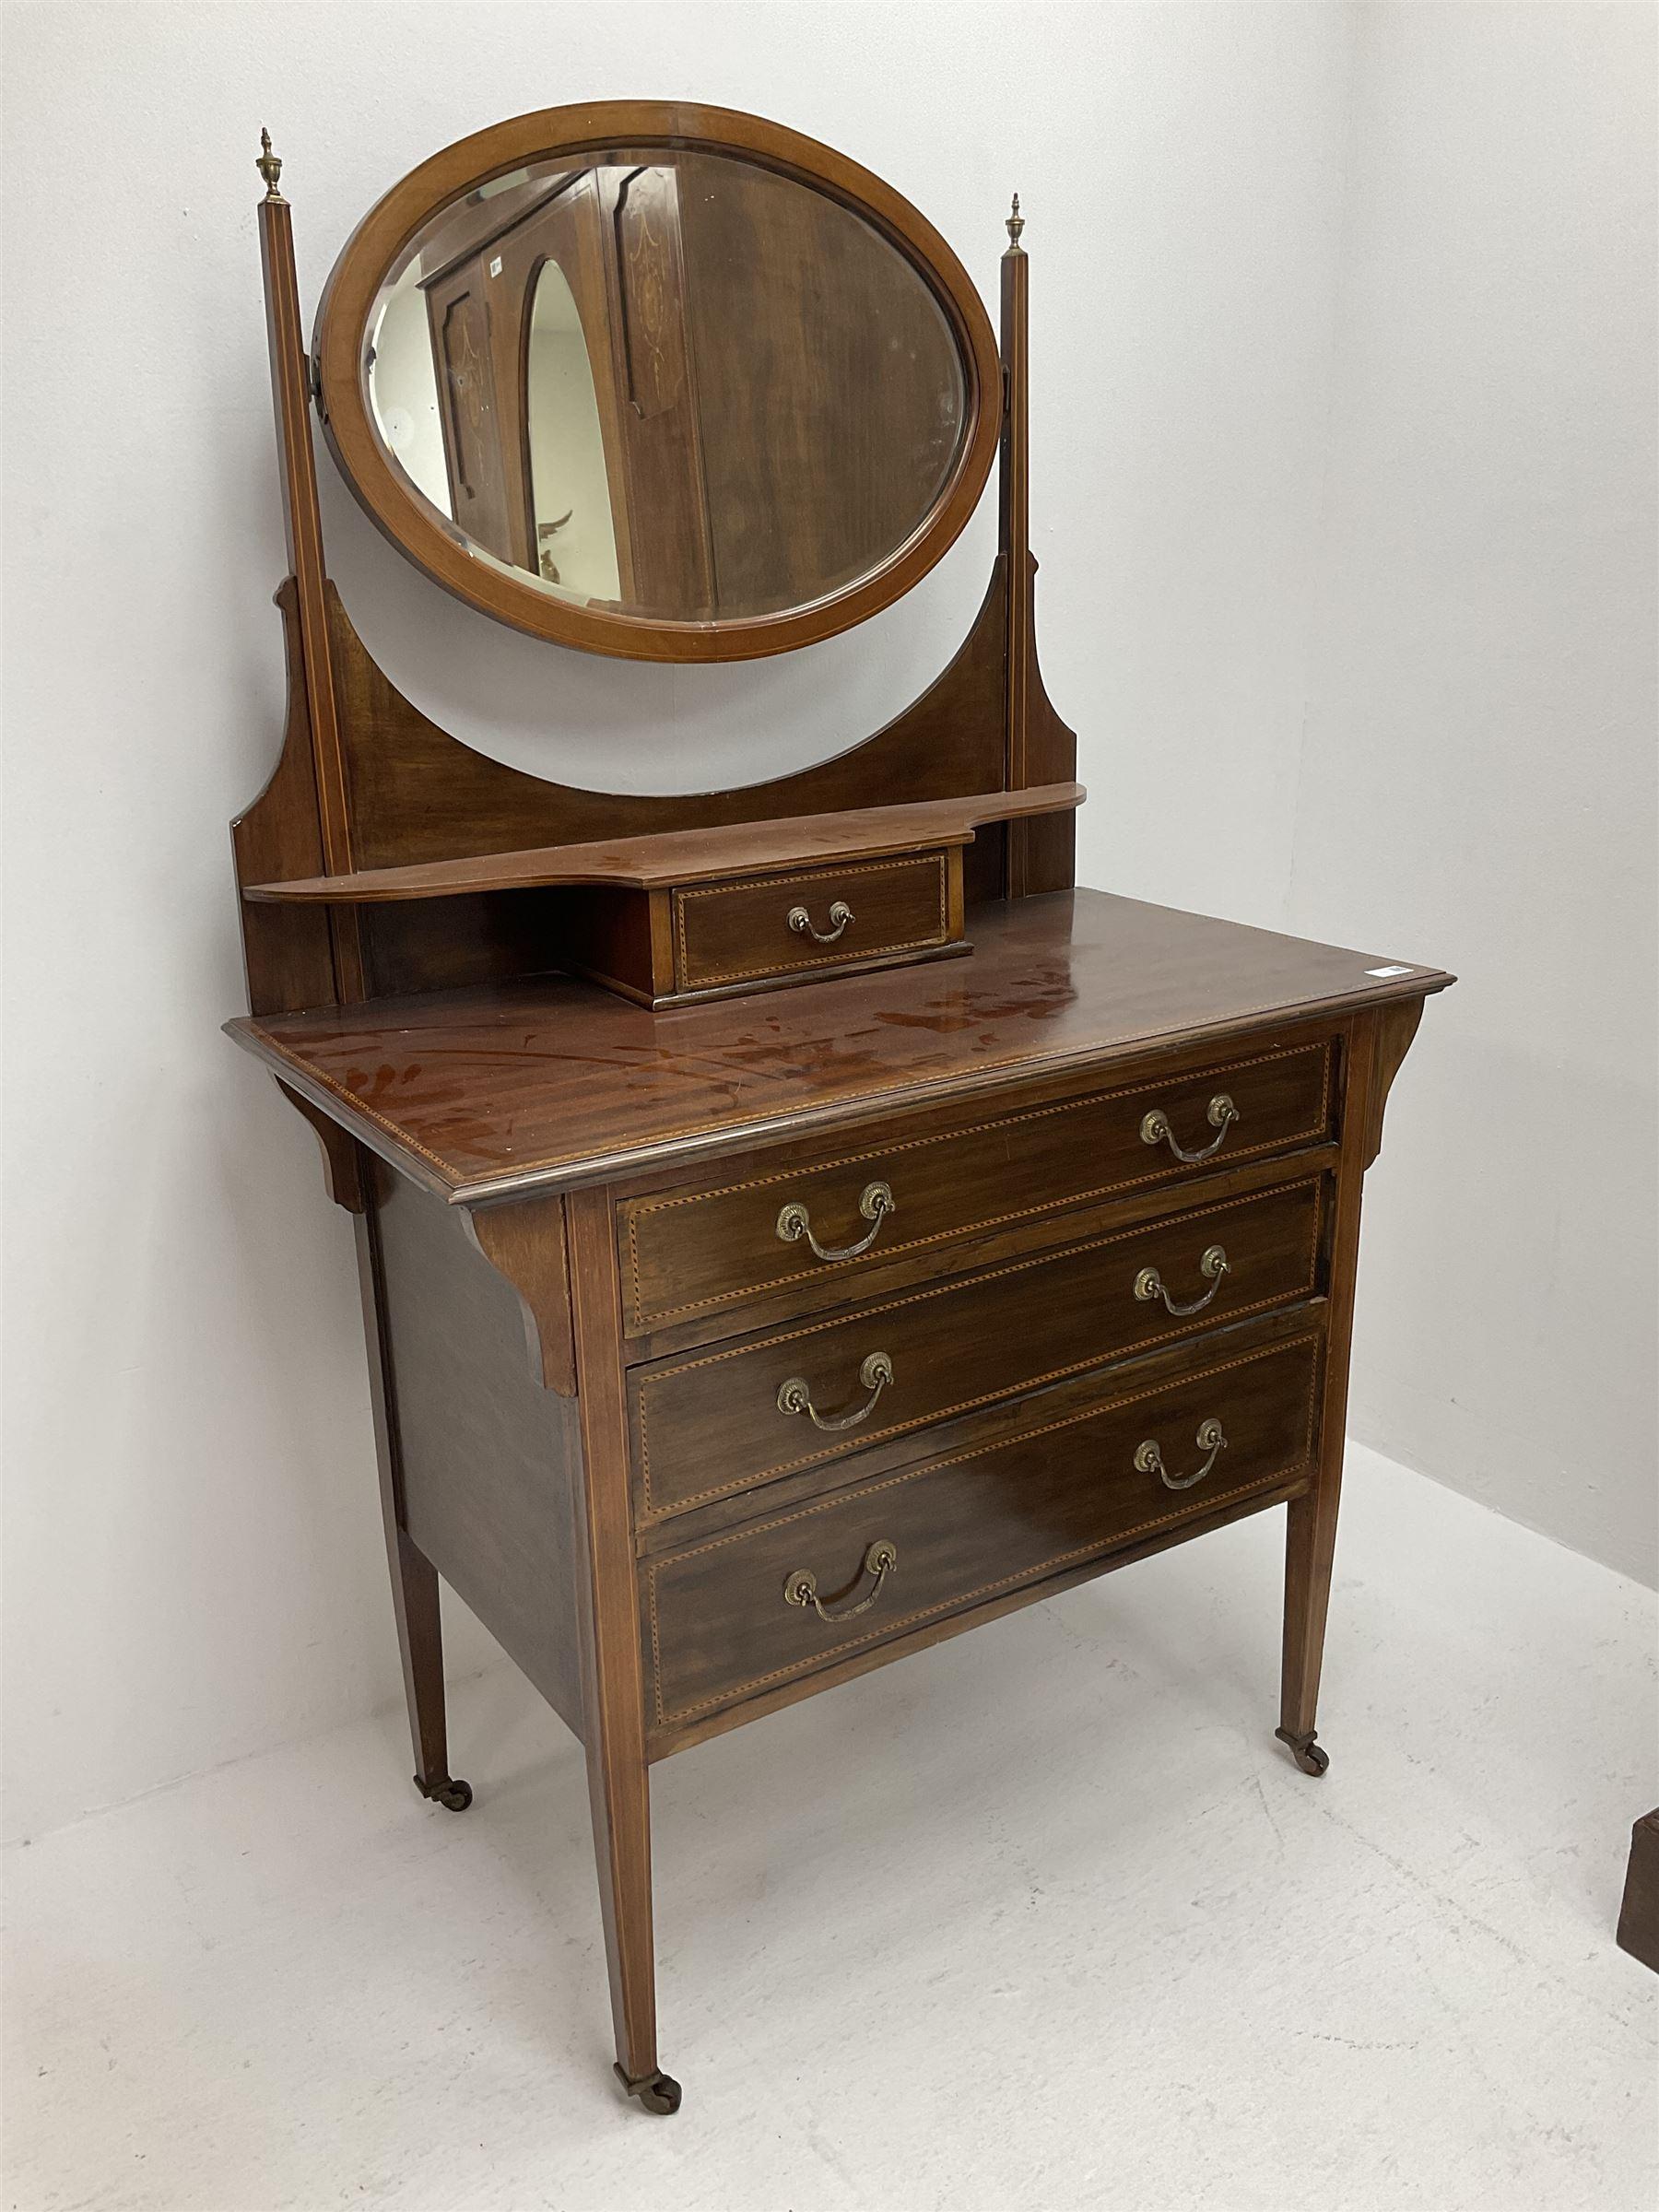 Edwardian inlaid mahogany wardrobe - Image 2 of 5